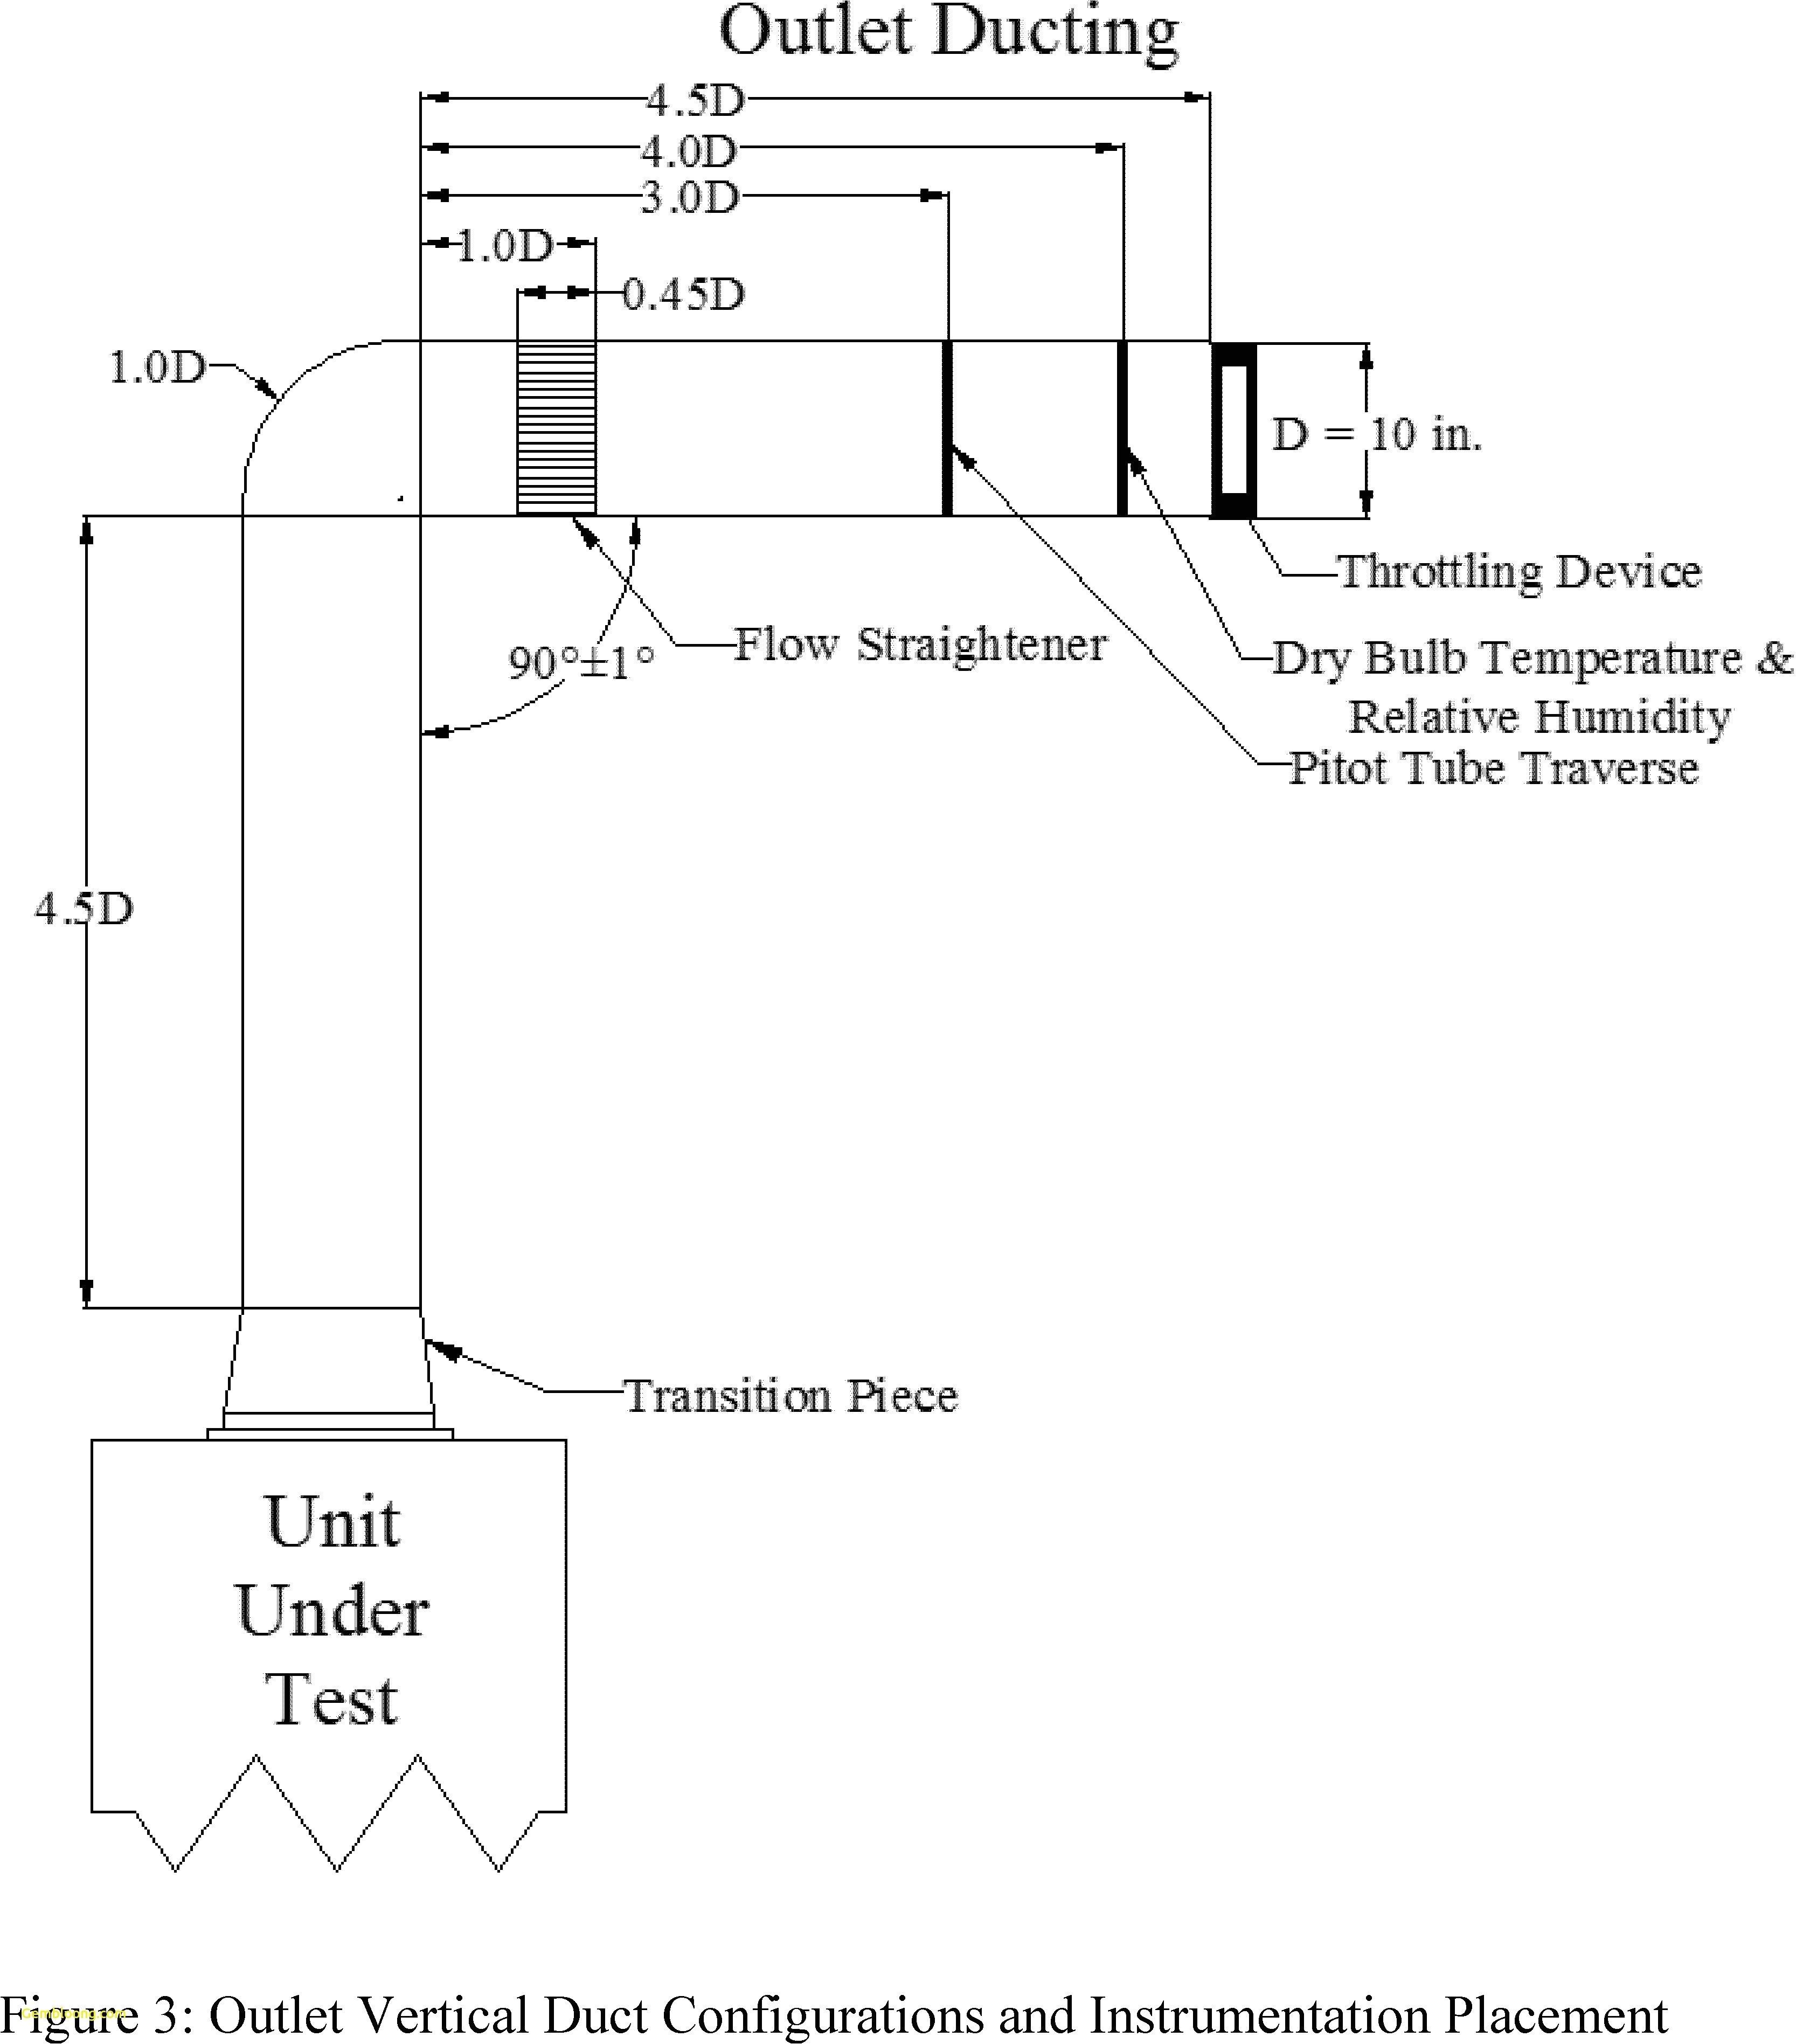 House Light Wiring Diagram Ceiling Light Wiring Diagram Unique Wiring Diagram for Ceiling Light